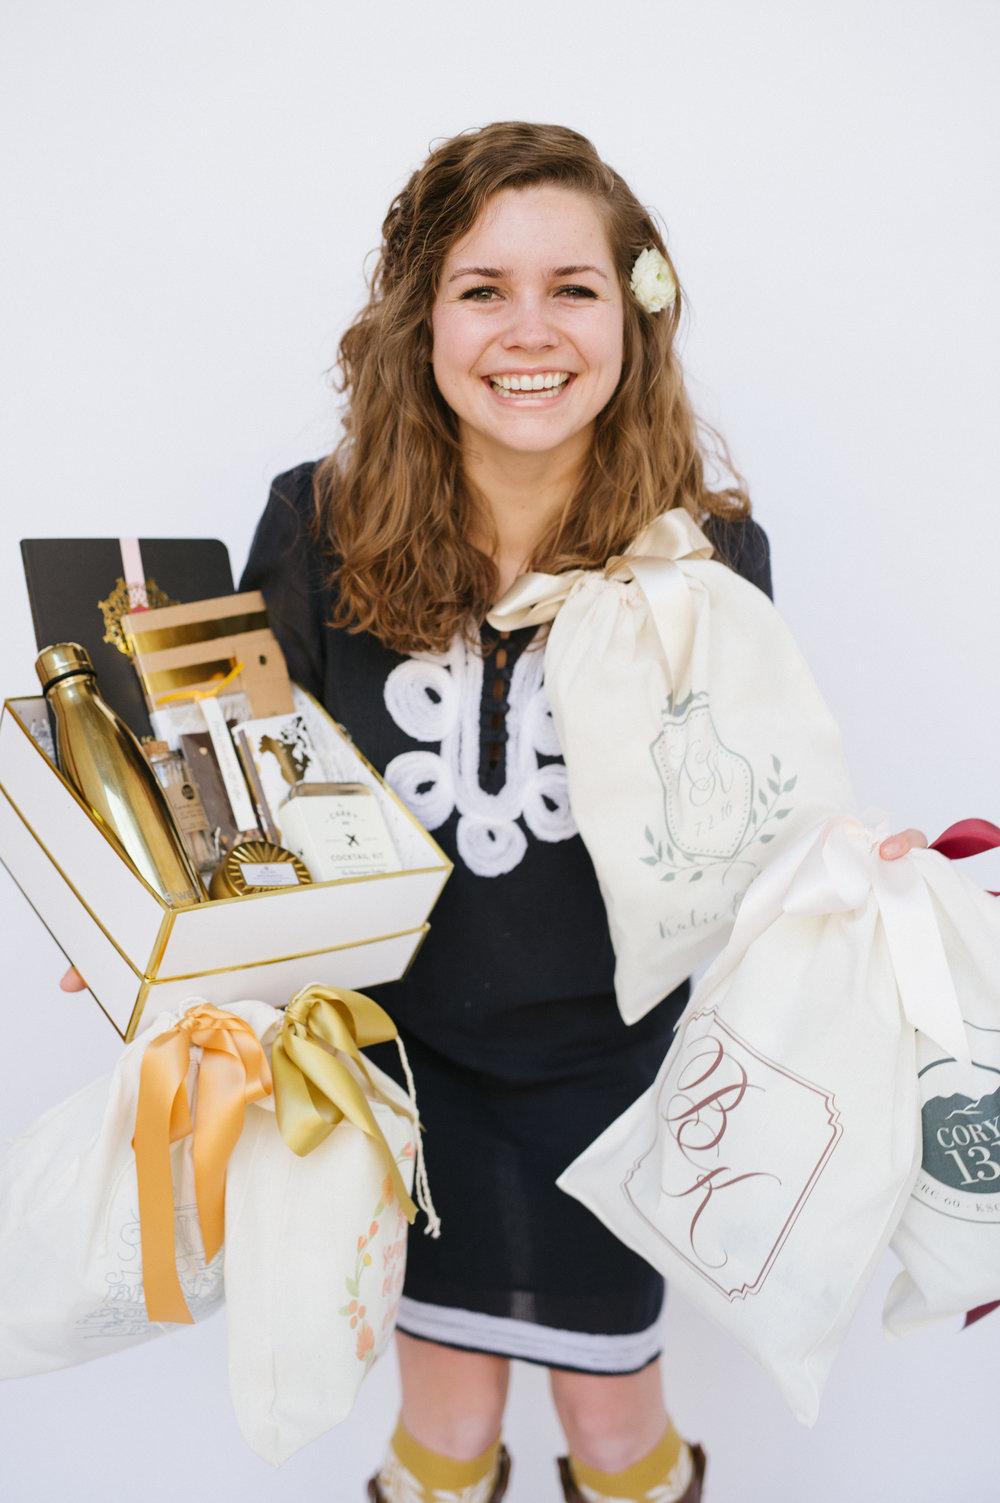 Katie Kirkpatrick, Owner